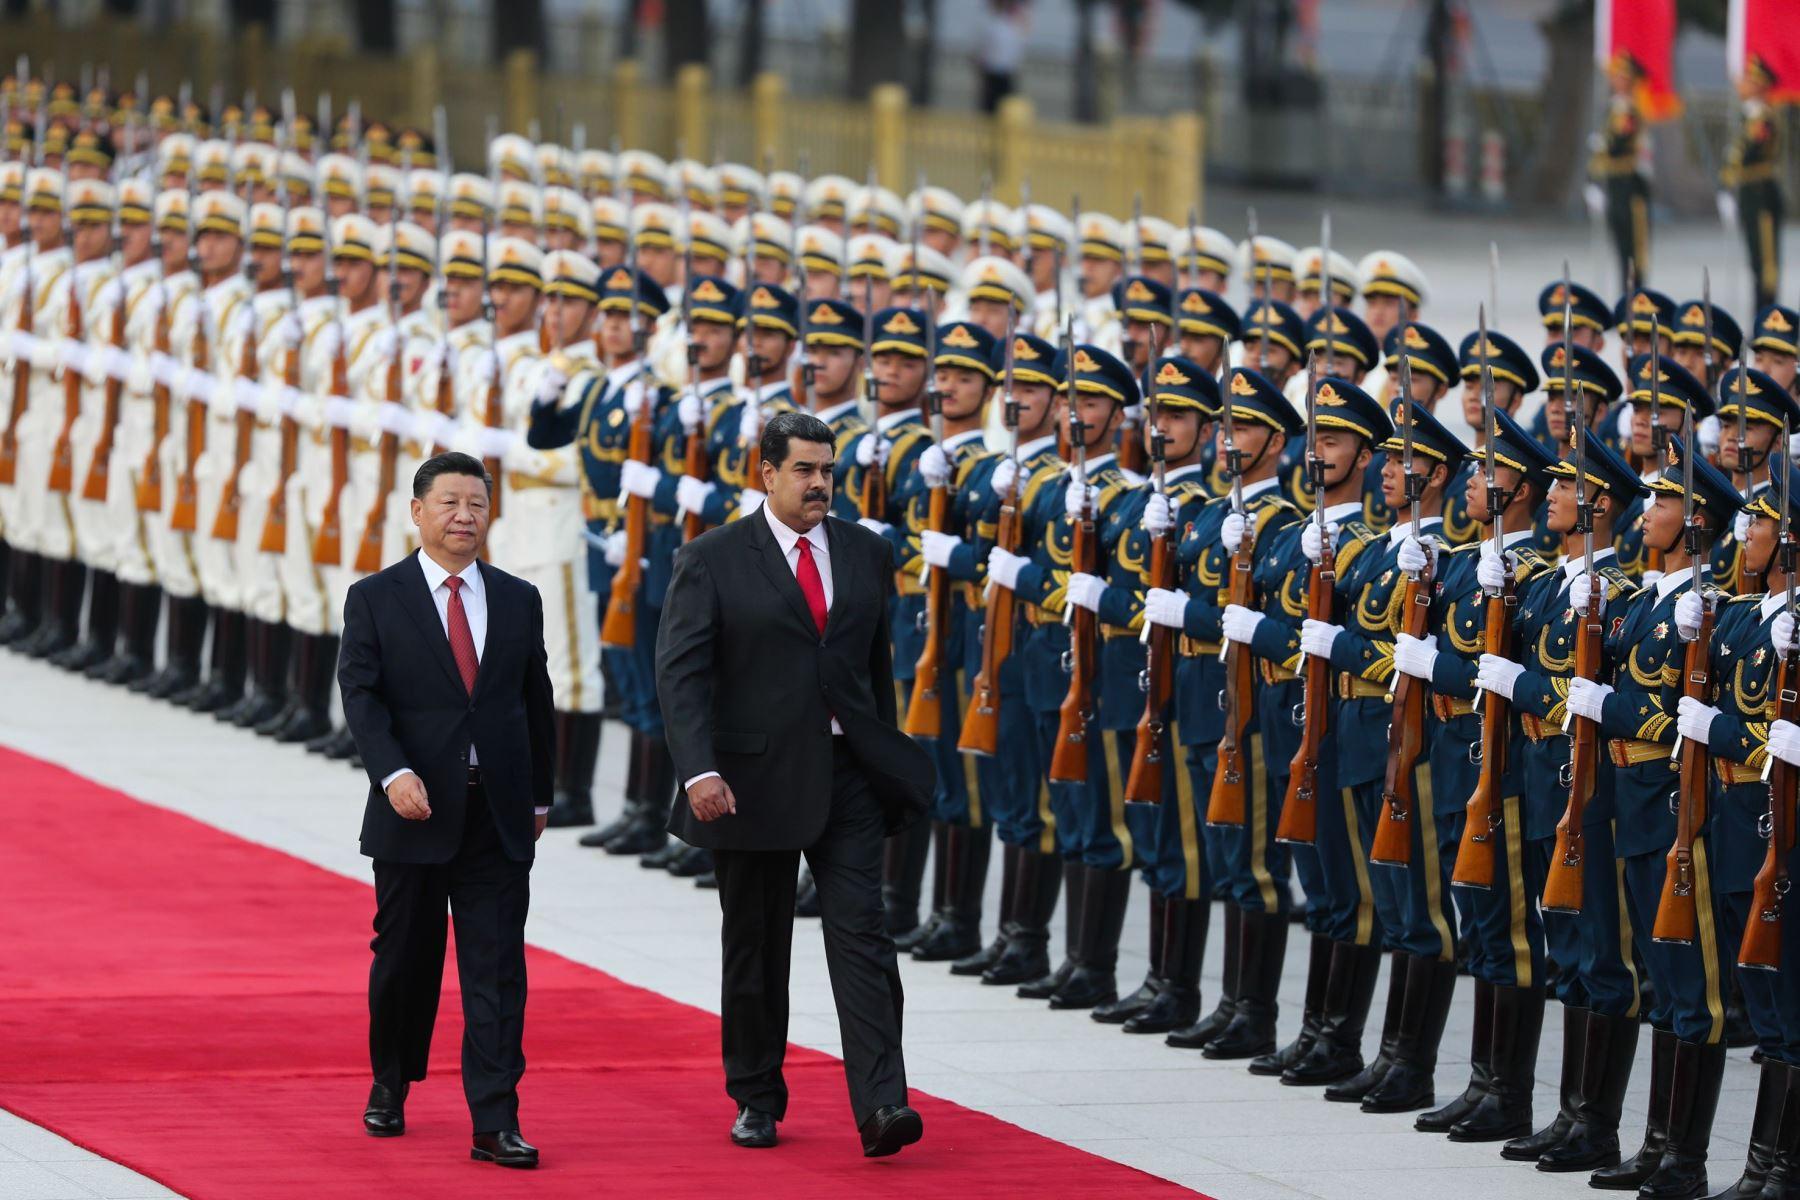 Maduro y su homólogo chino Xi Jinping caminan durante la ceremonia de bienvenida en Beijing Foto: AFP